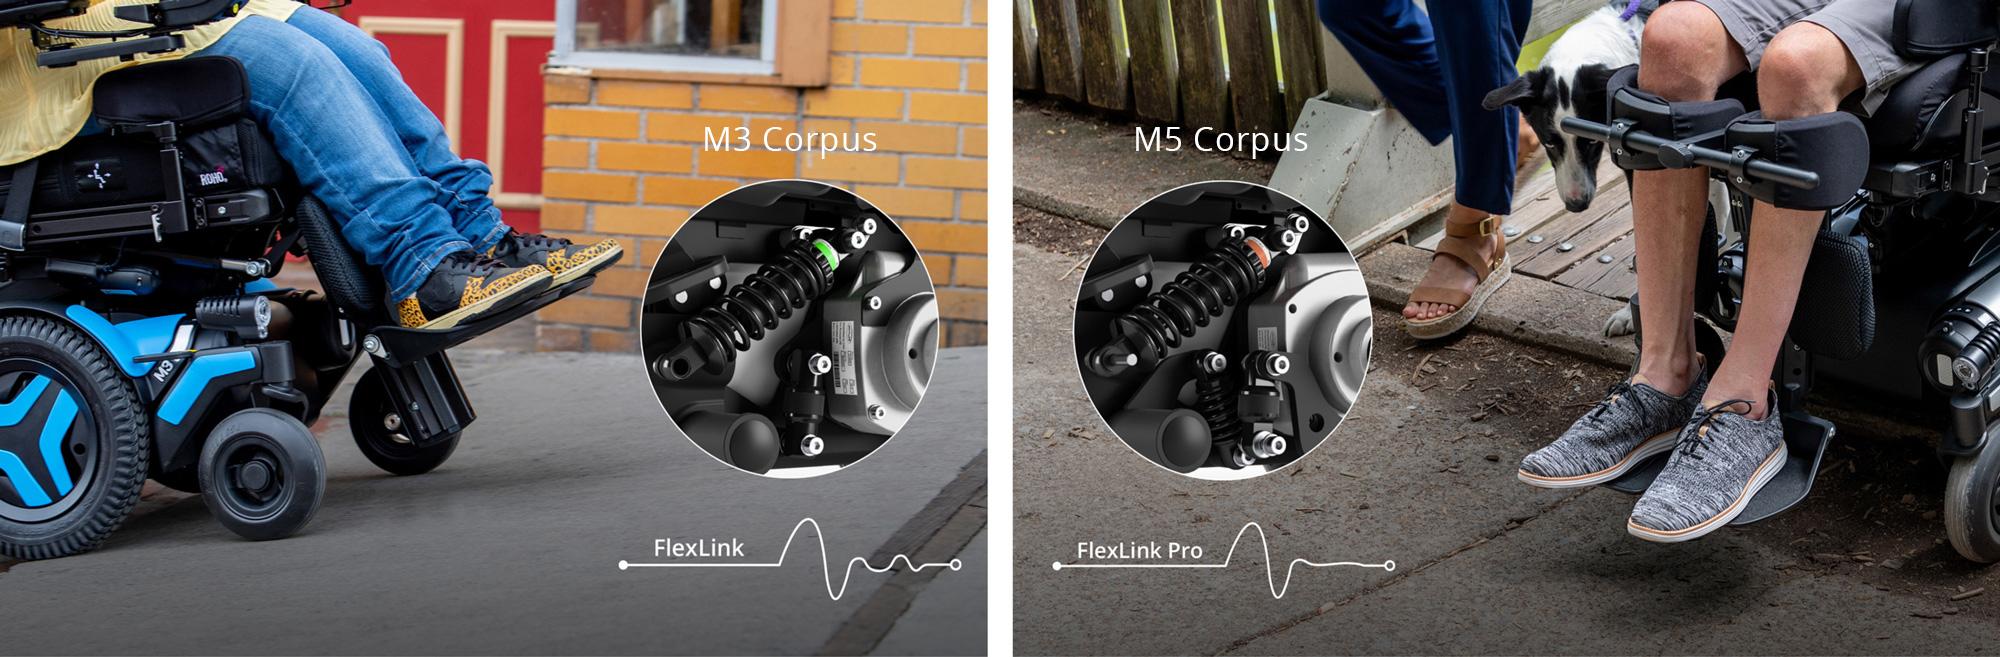 Suspension-M3-M5-NameCallout